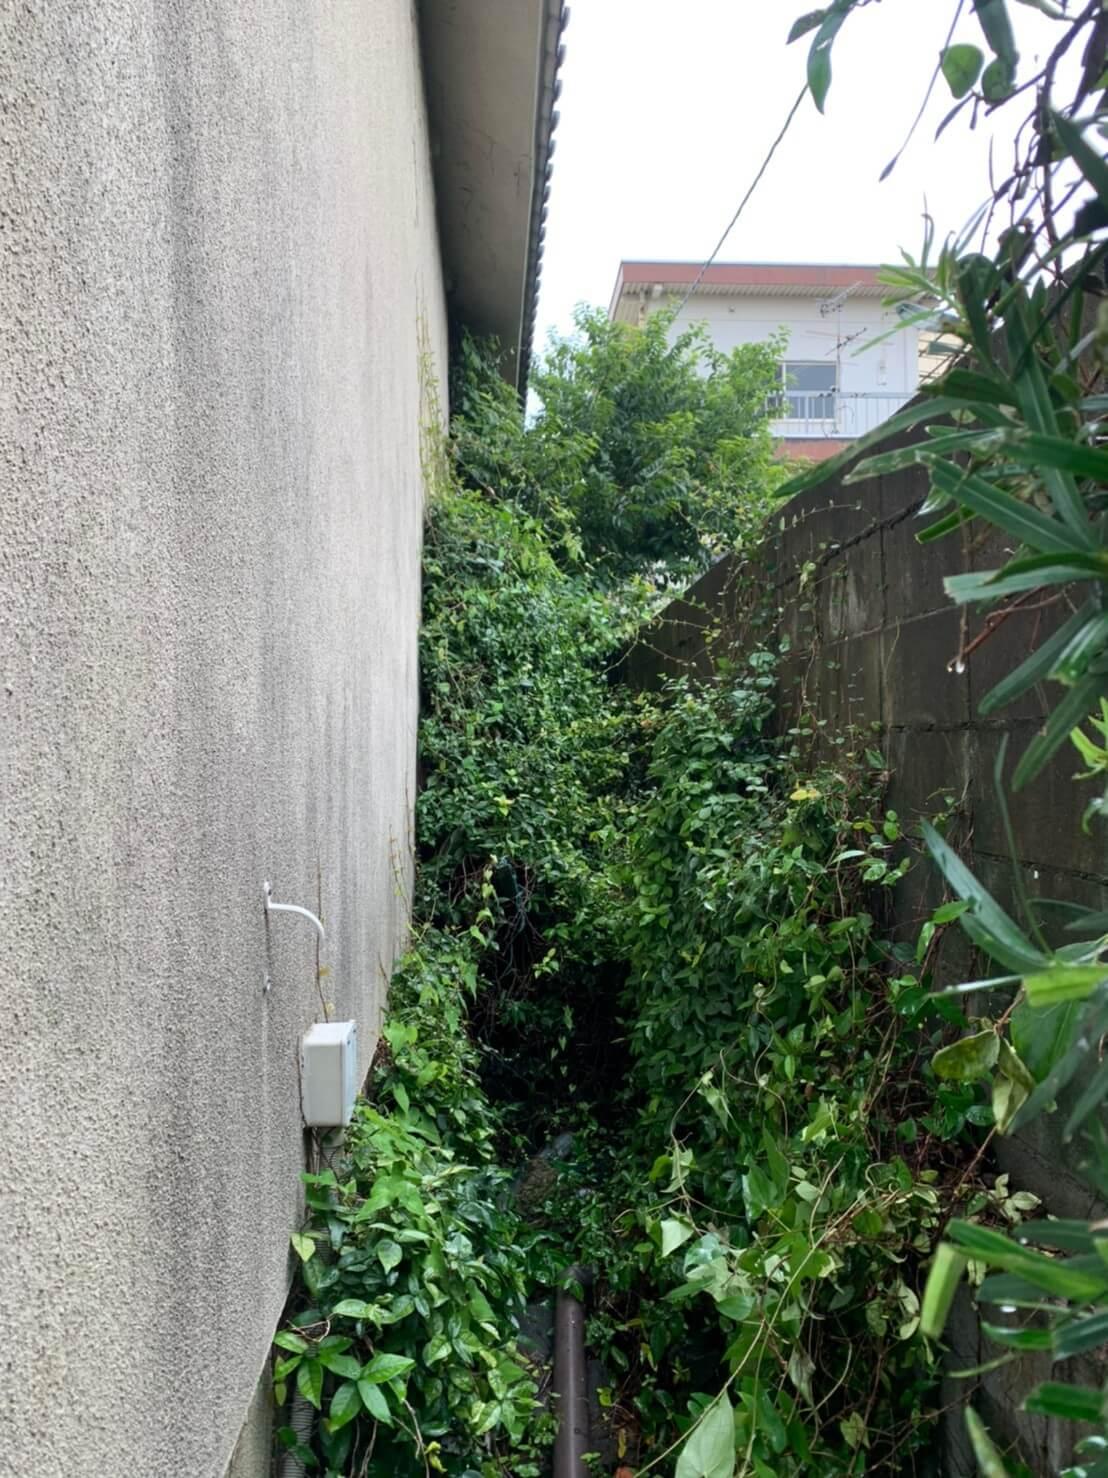 剪定を終えた後は高さ4m程の壁を覆いつくす程成長したツタの除去